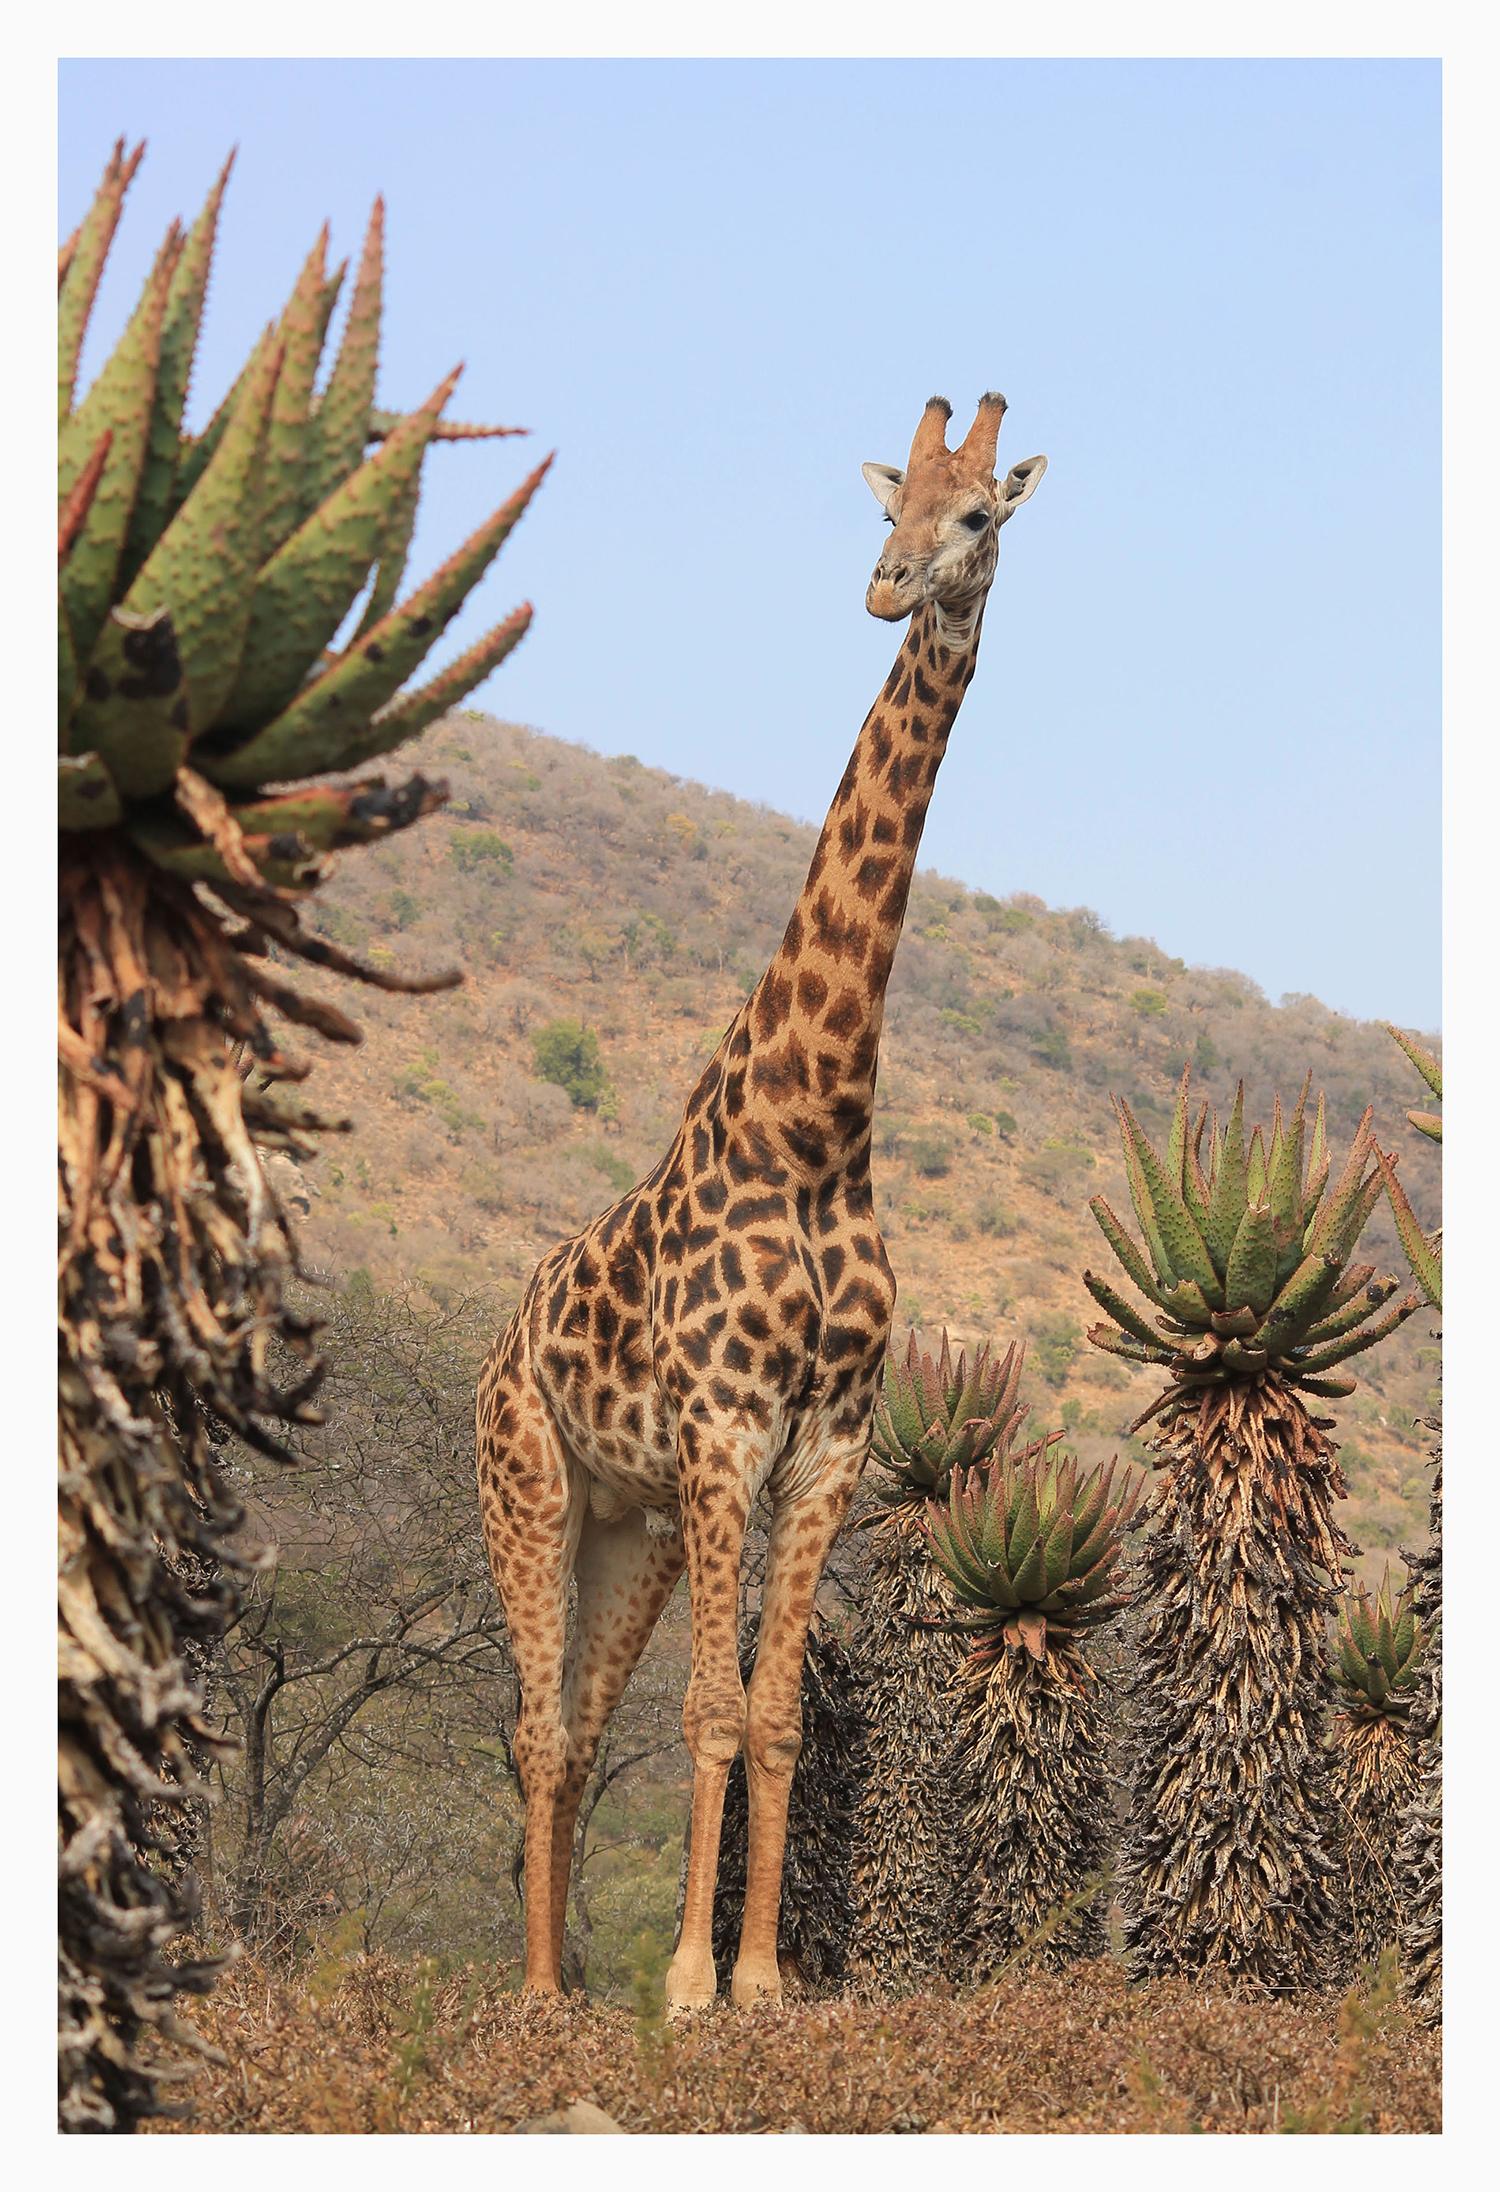 charlotte_gill_giraffe_3_small.jpg